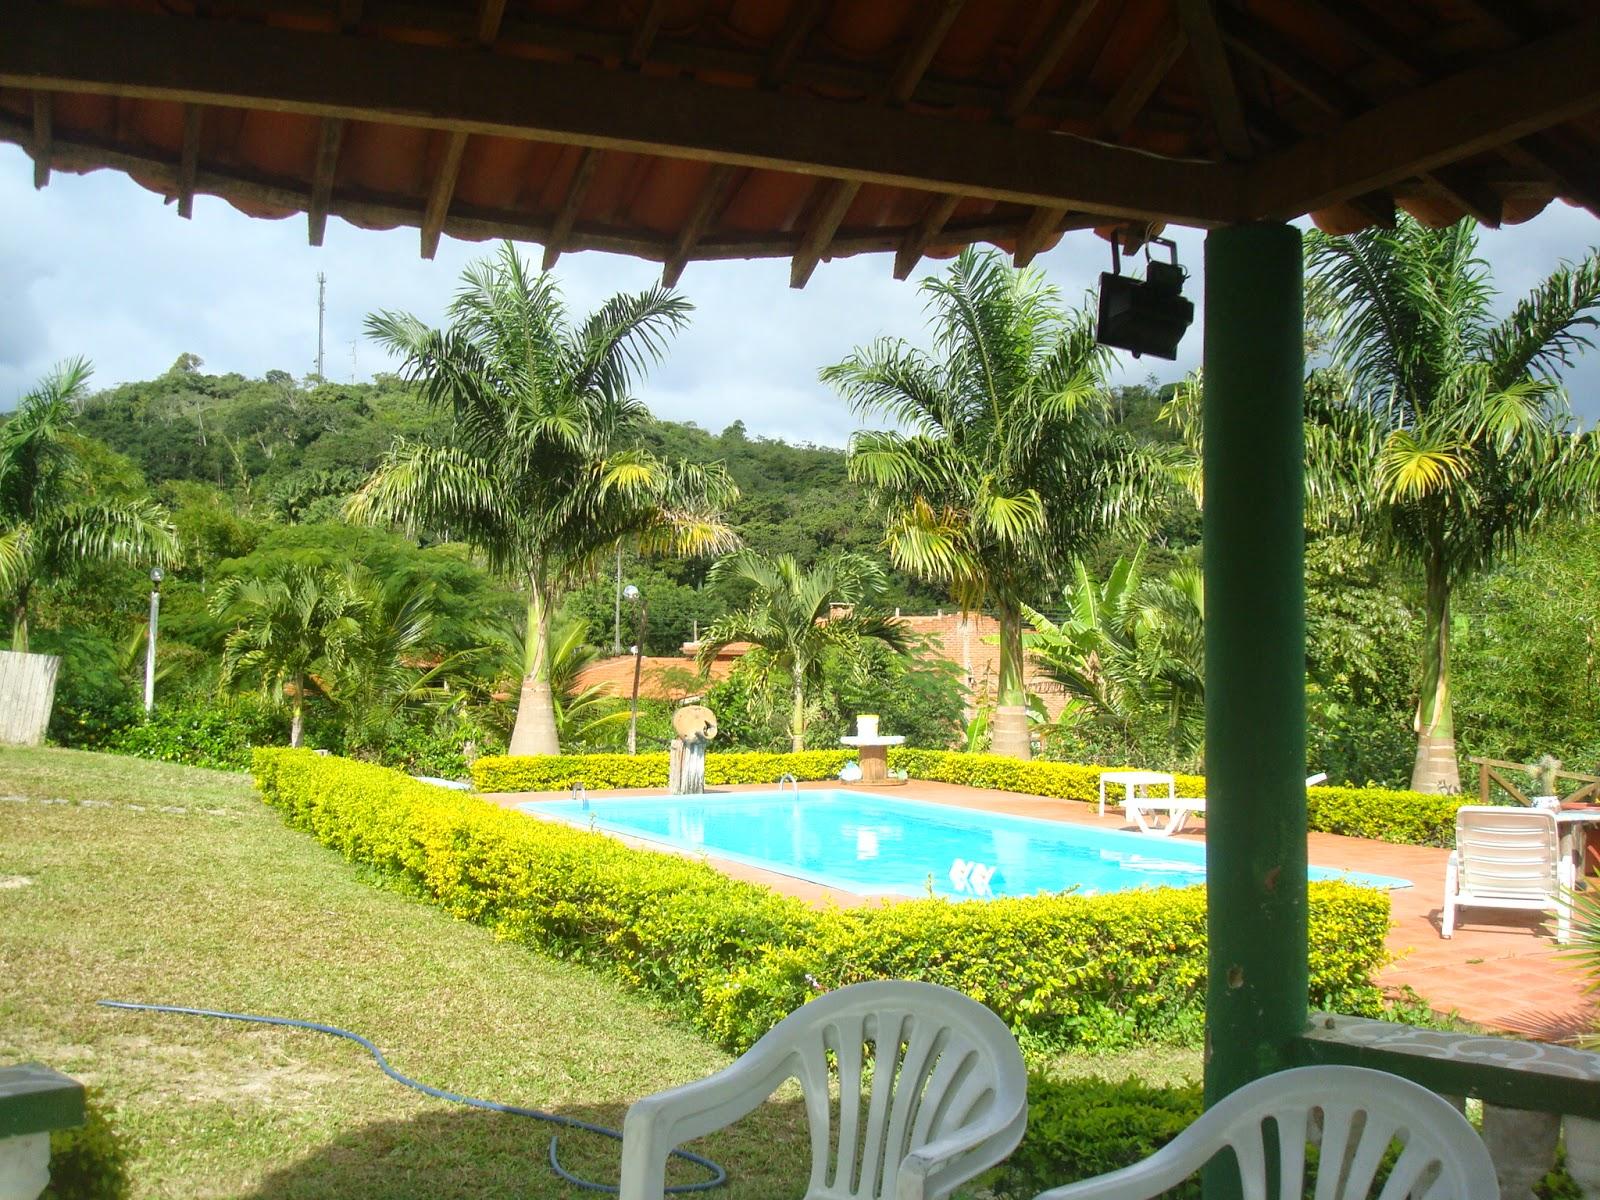 La casa dei tuoi sogni vivere in brasile for Piani personalizzati per la casa dei sogni